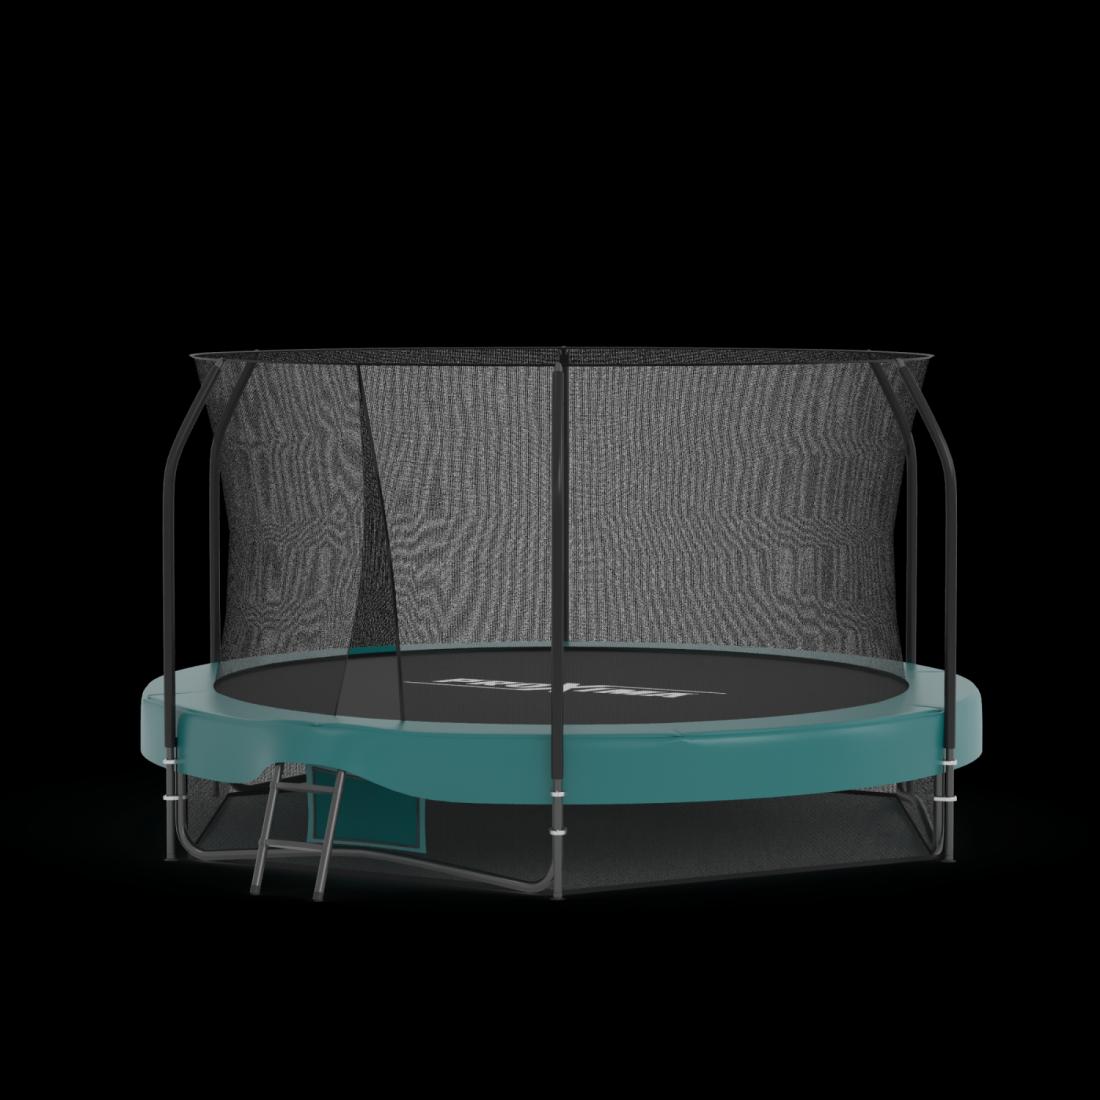 Батут Proxima Premium (305 см, до 150 кг)